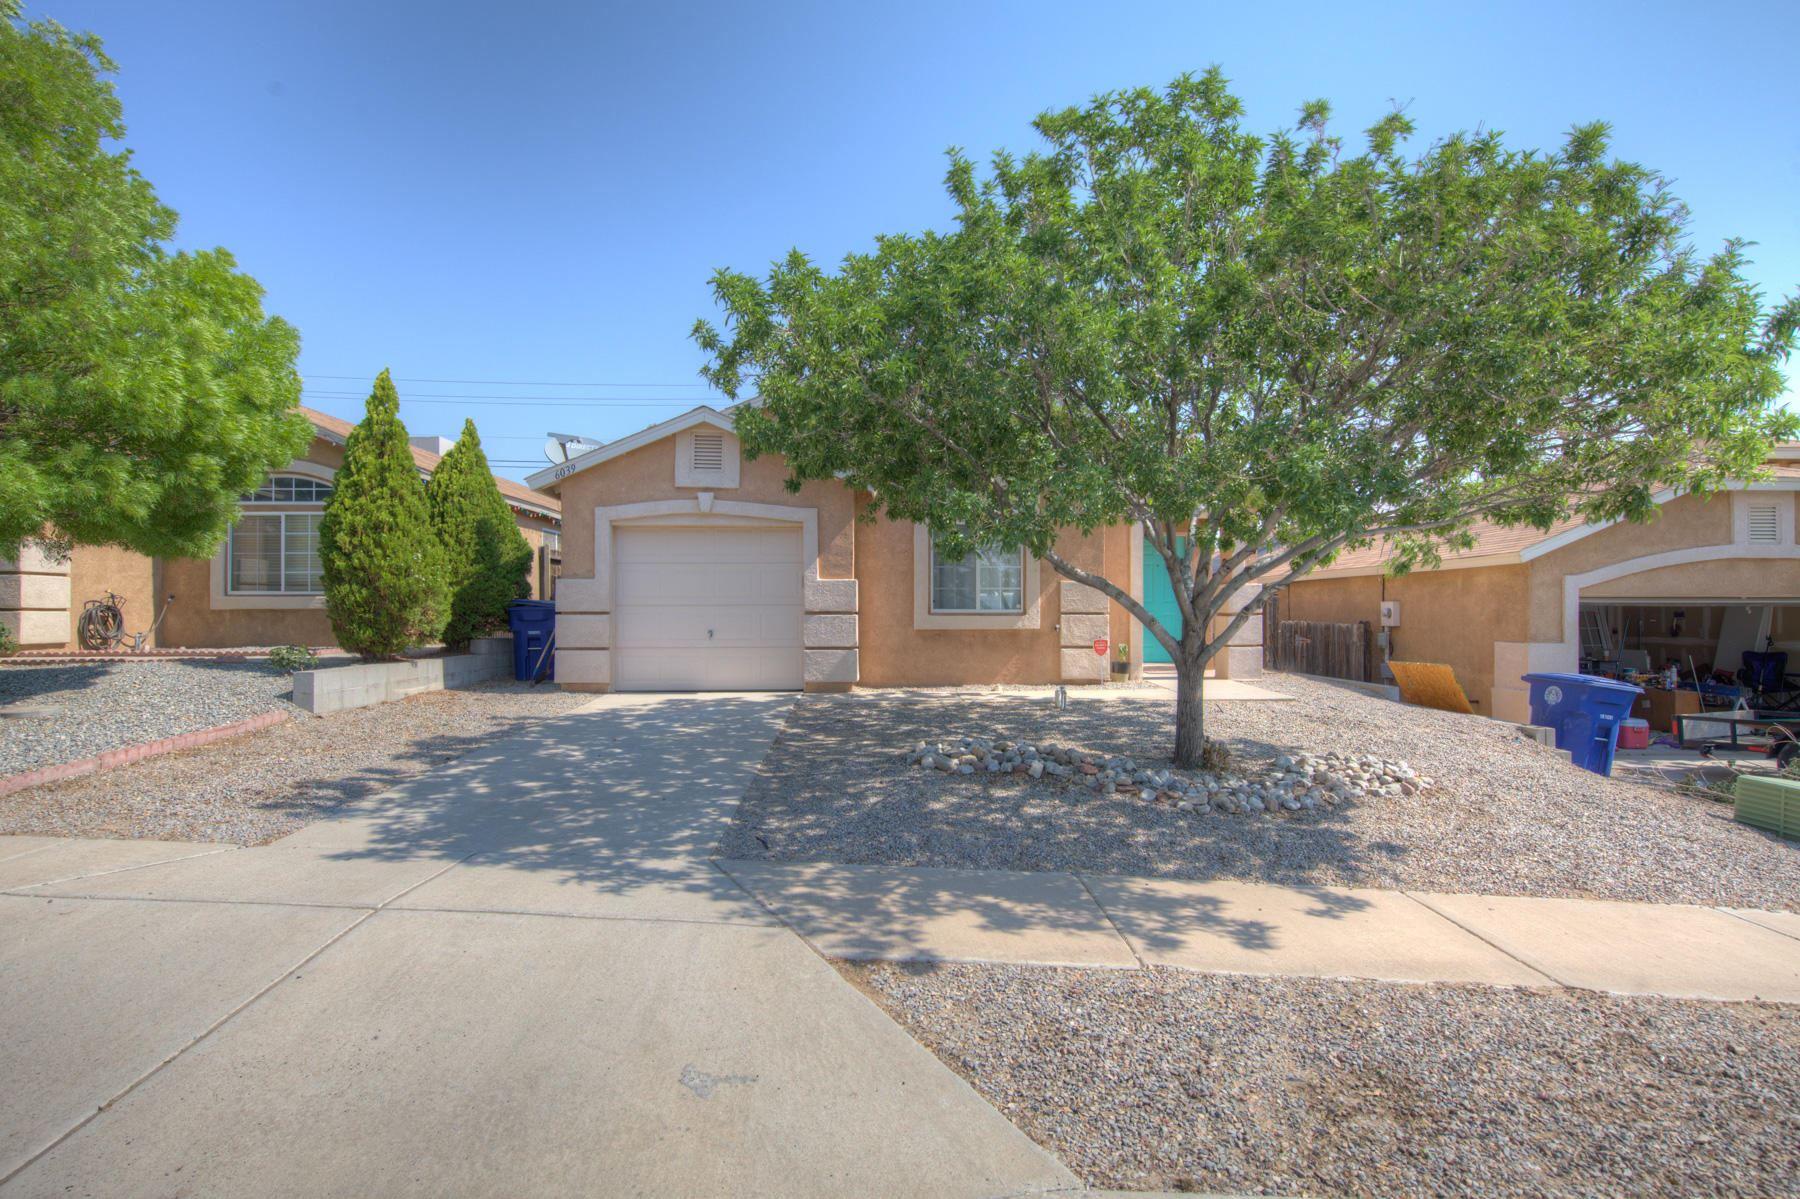 Photo of 6039 CELESTIAL Avenue NW, Albuquerque, NM 87114 (MLS # 994717)